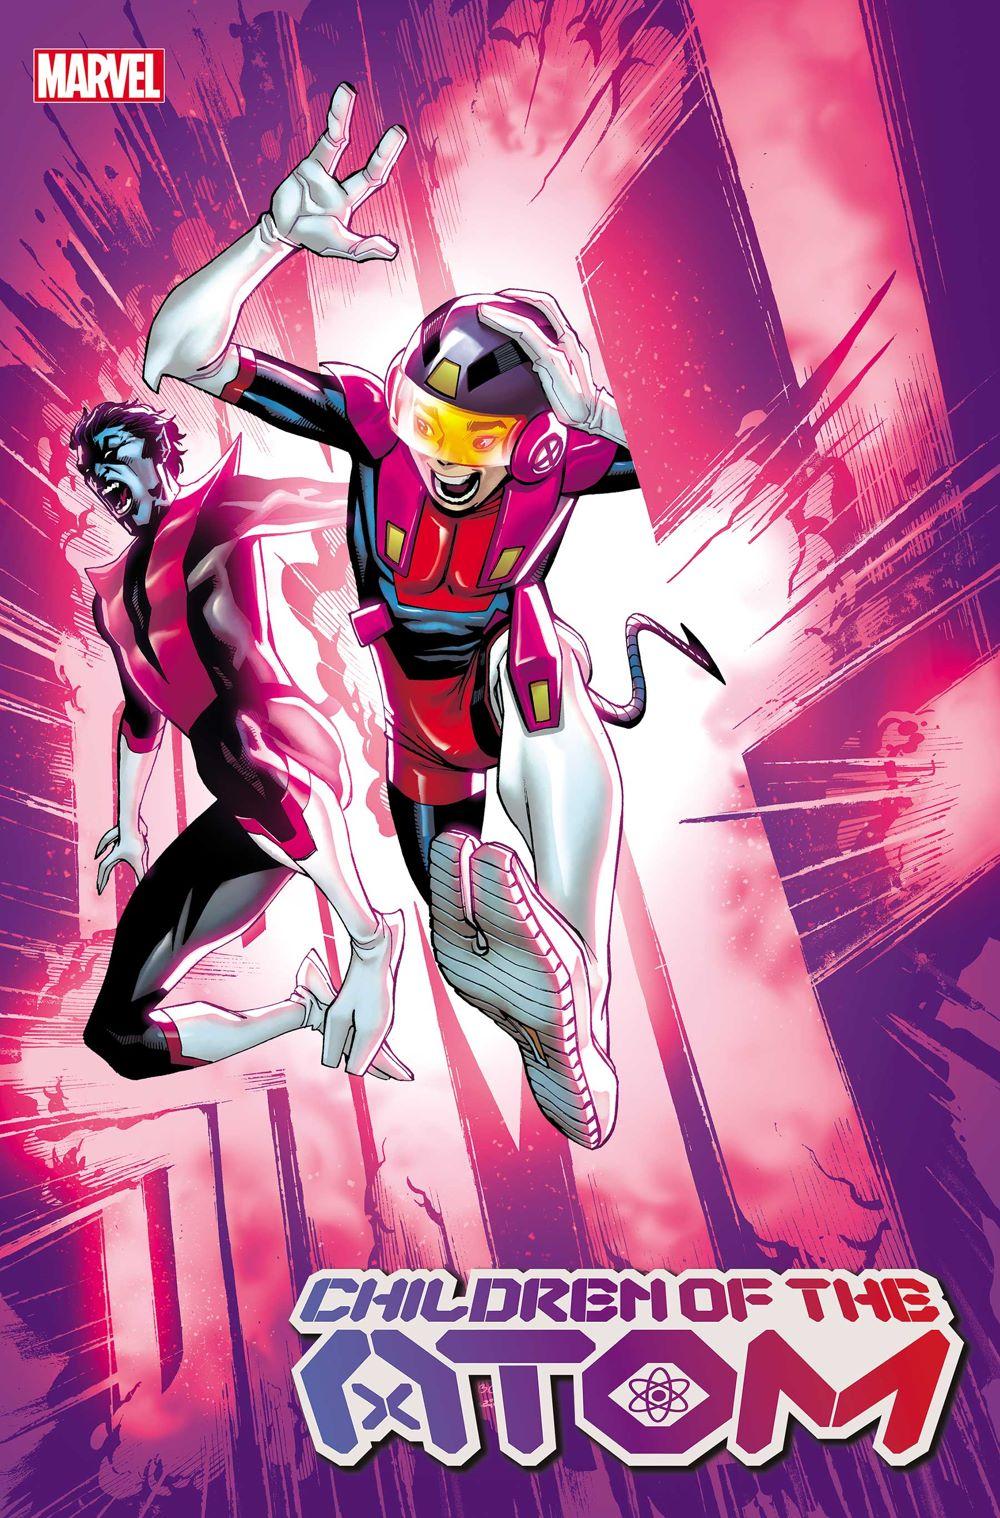 COTA2021004_ChangVar Marvel Comics June 2021 Solicitations